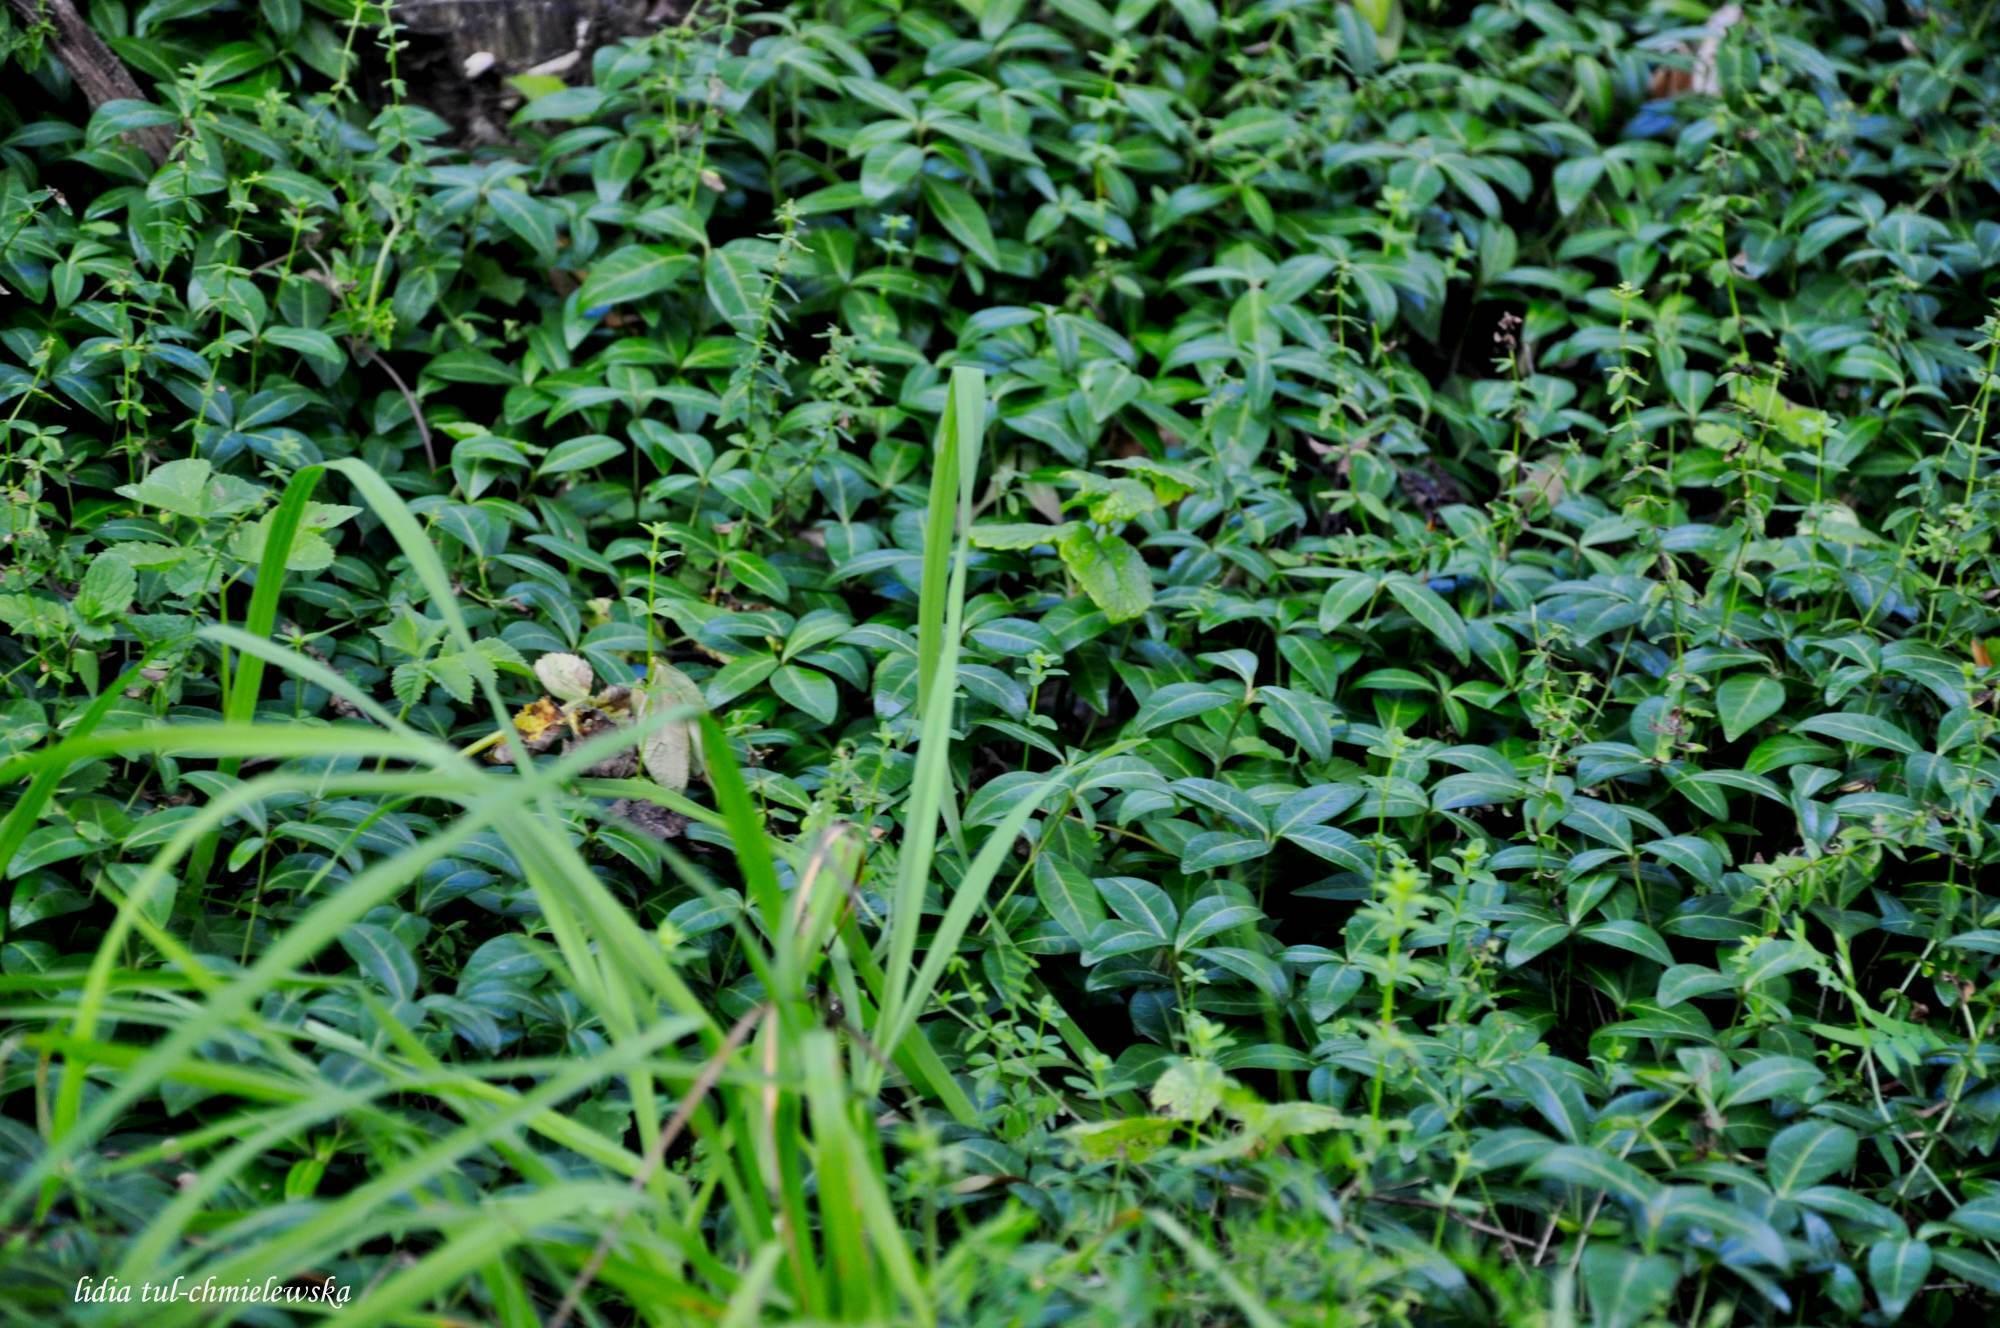 Balnica_wszystko pokrywa całunem zieleni barwinek(0)_32